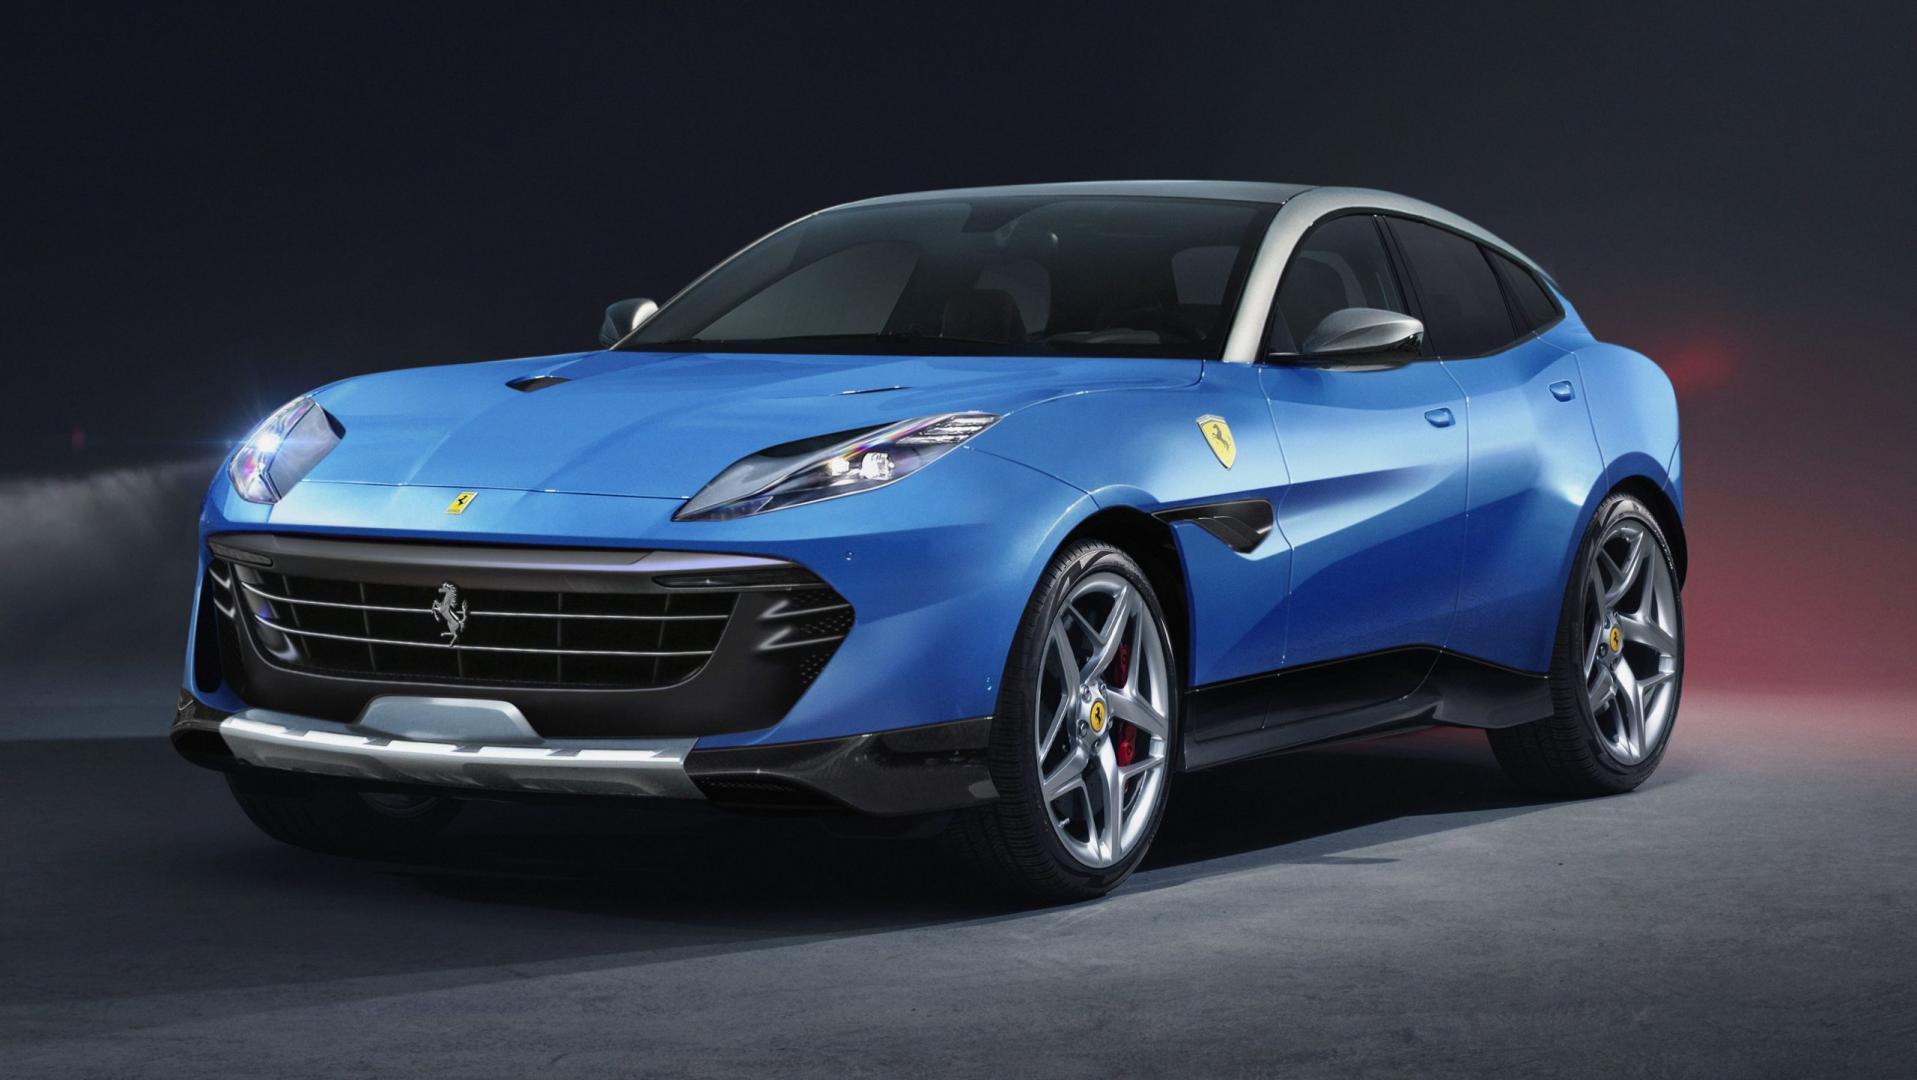 Ferrari Purosangue SUV